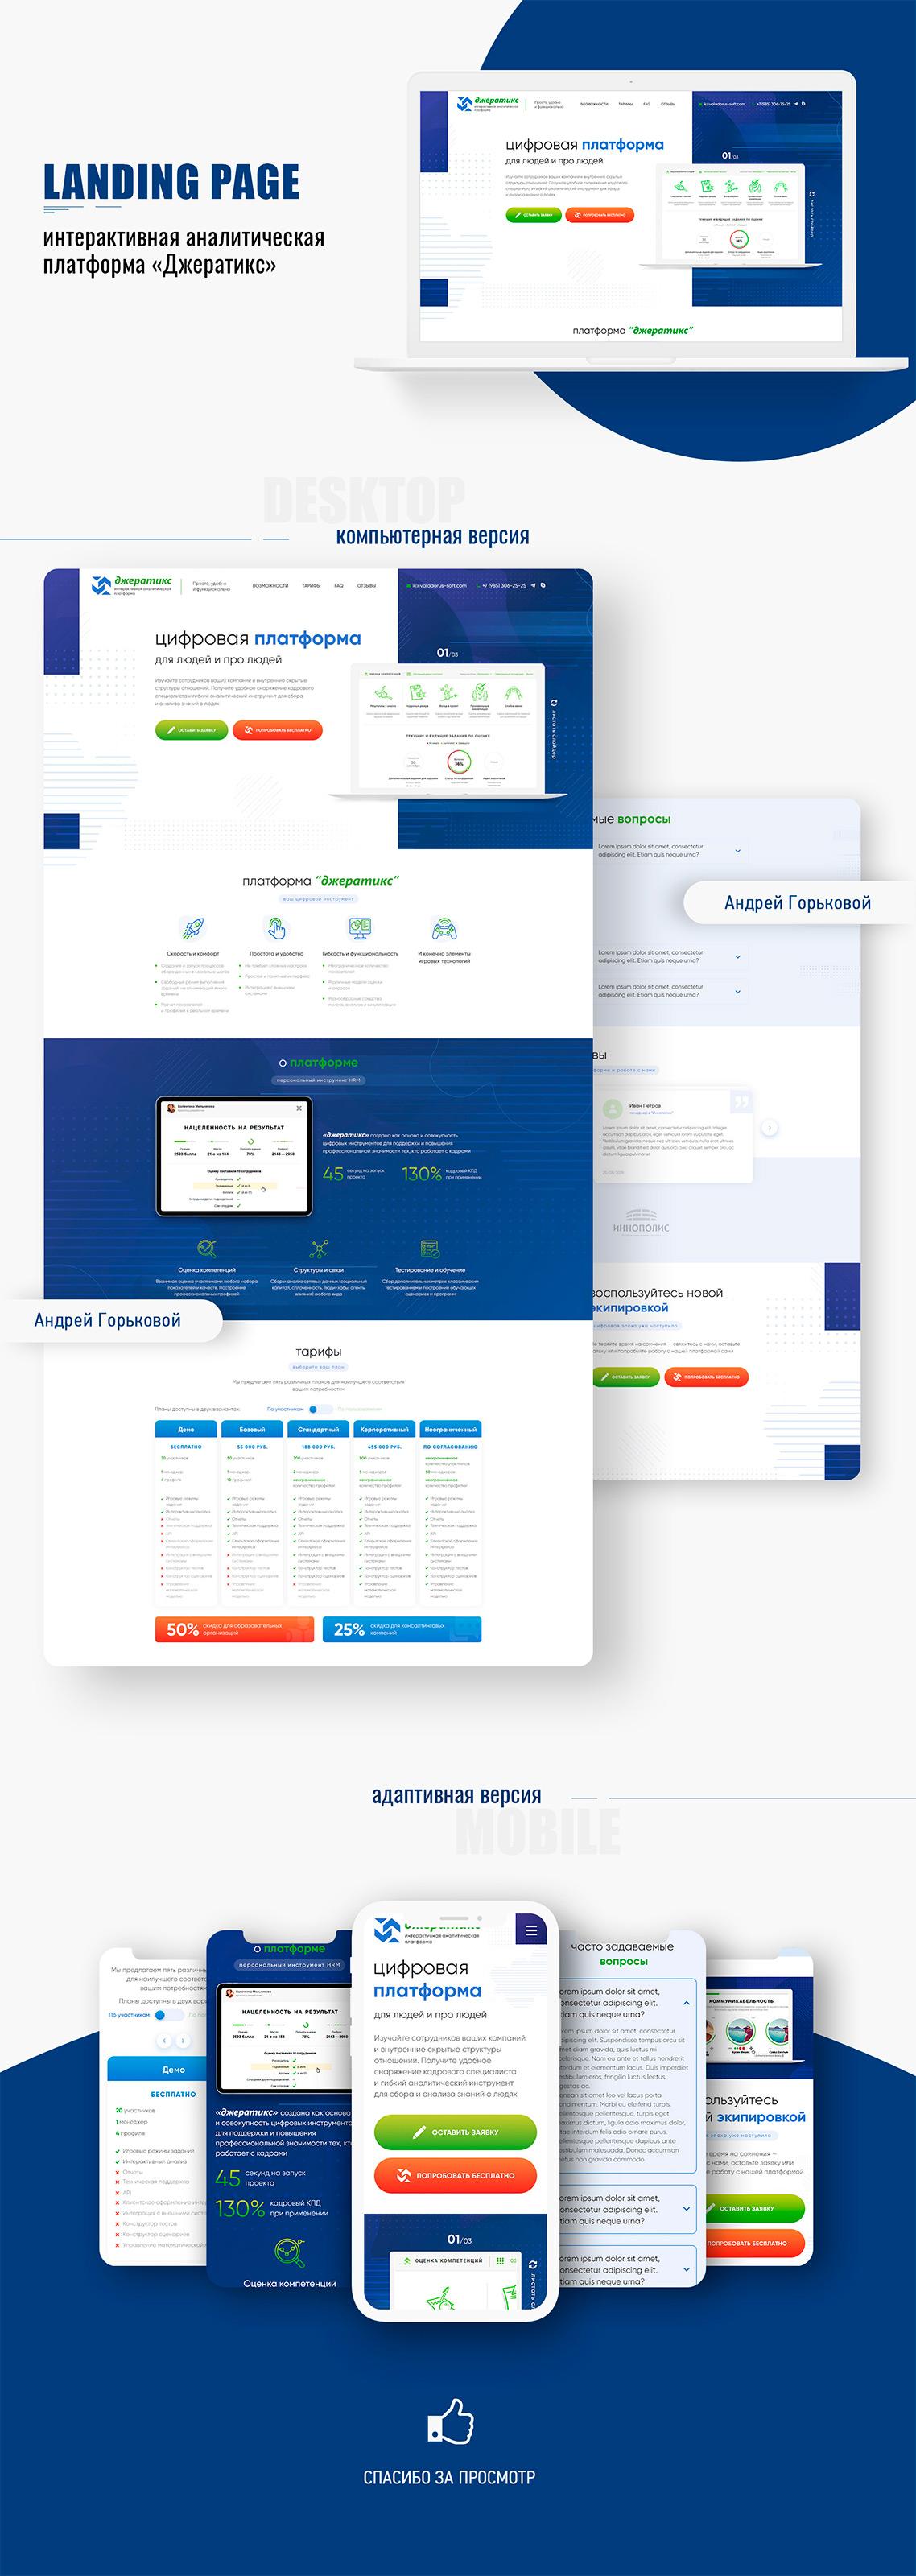 Цифровая платформа «Джератикс»